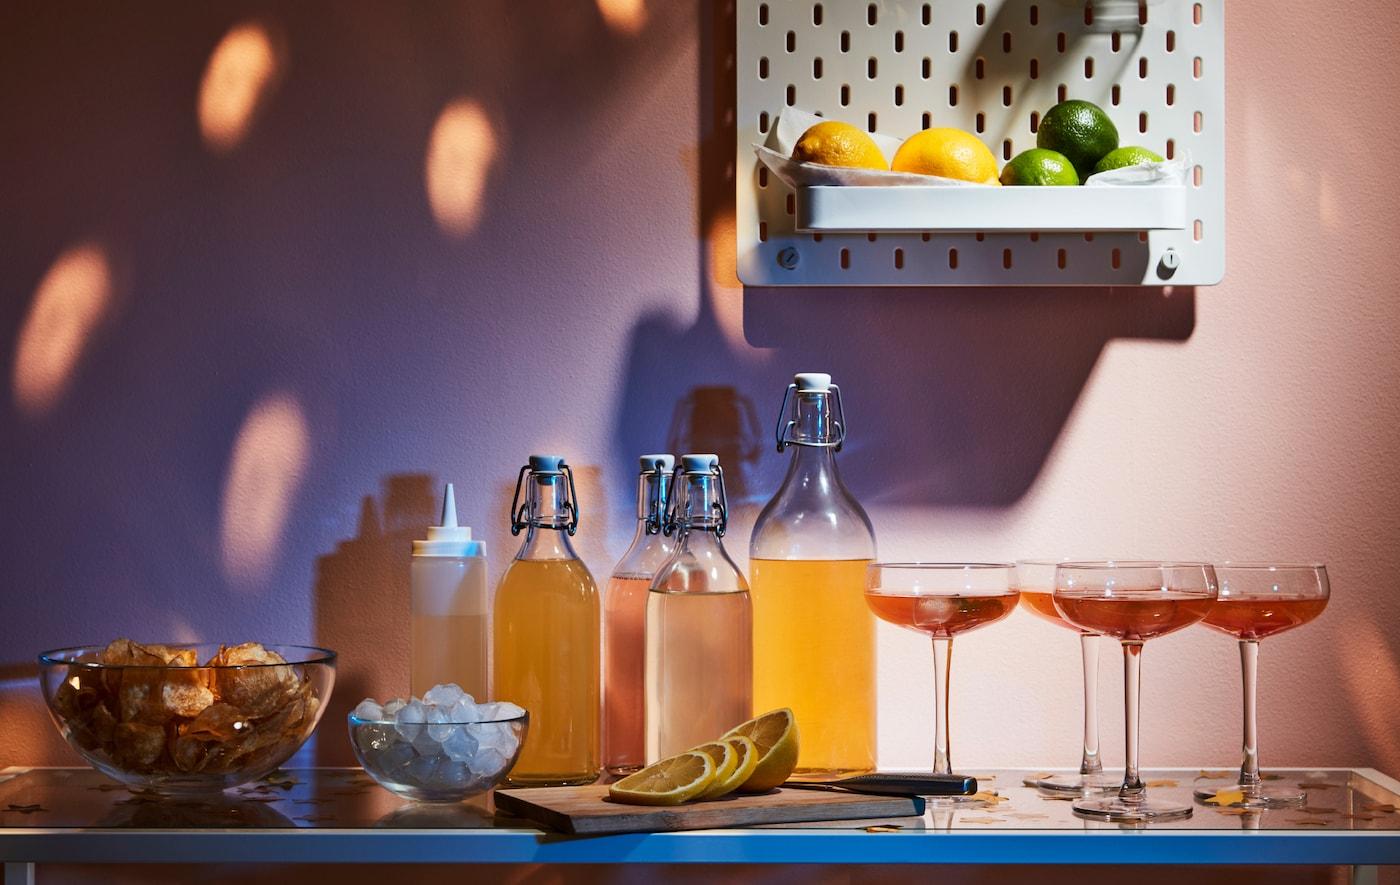 Băuturi, pahare și accesorii de petrecere pe o masă laterală. Pe peretele de deasupra, un panou perforat este folosit pentru lămâi și limete.